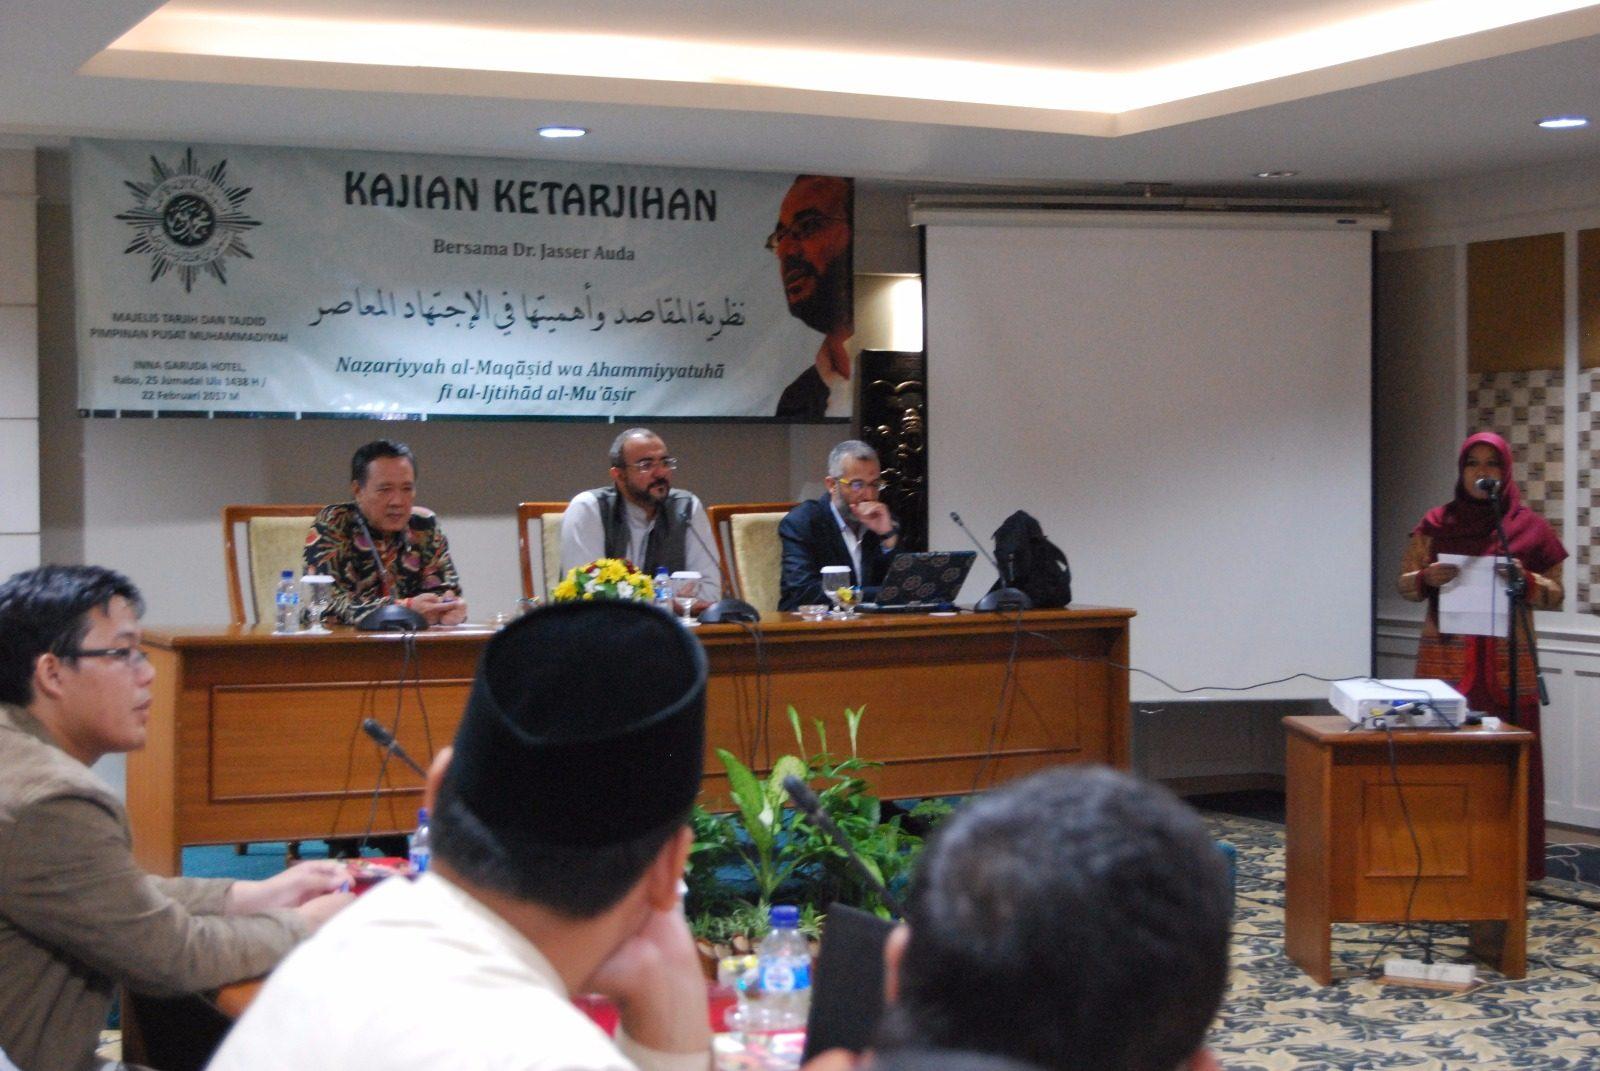 Photo of Islam Indonesia dan Majelis Tarjih Muhammadiyah dalam Kacamata Jasser Auda